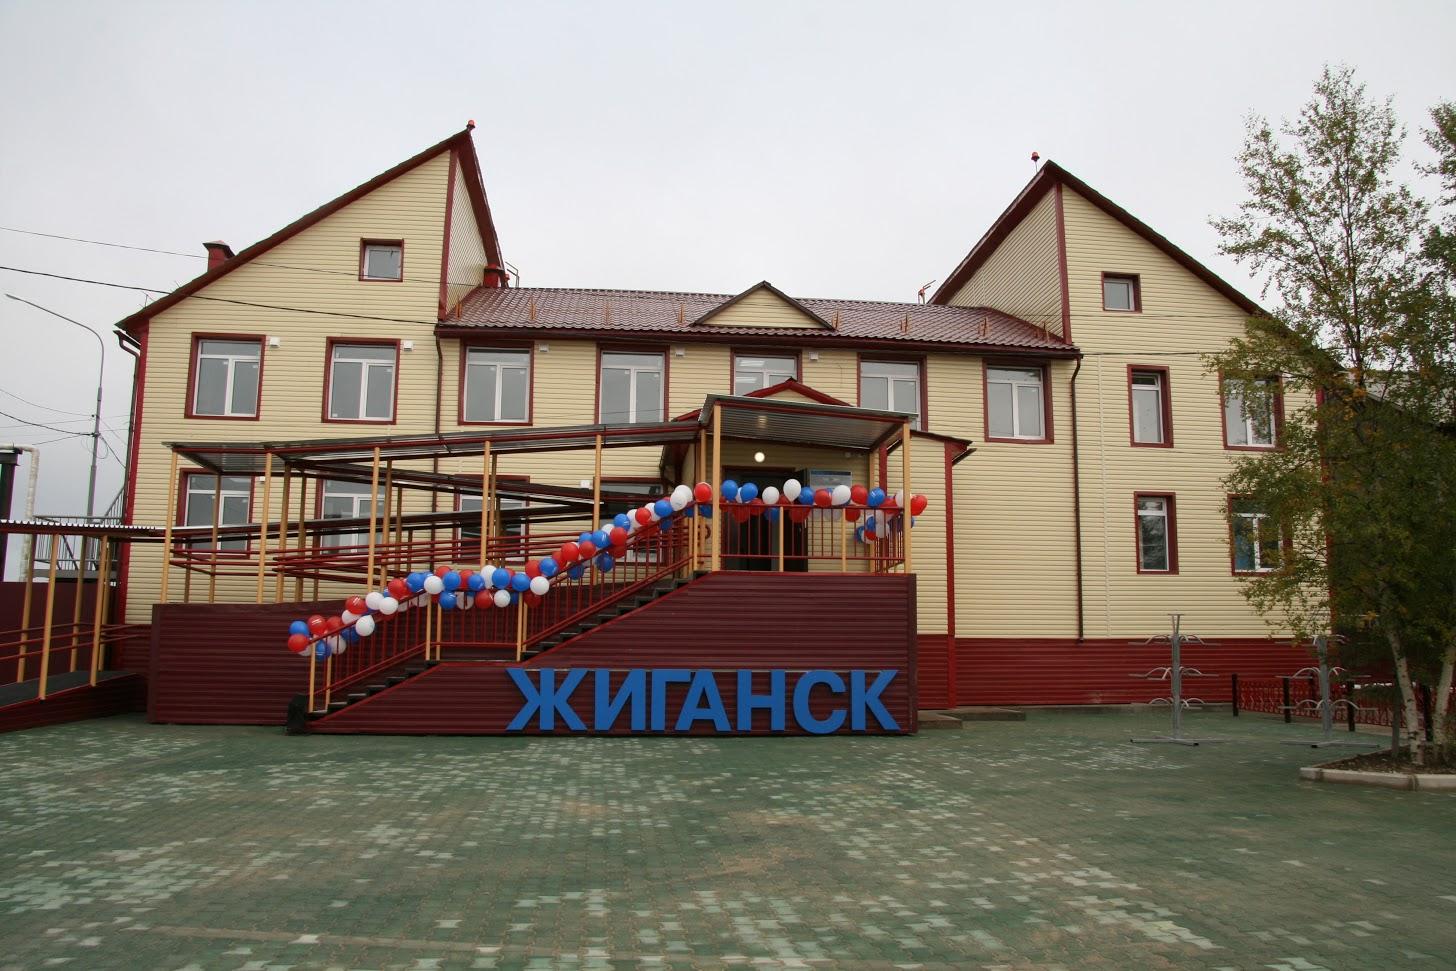 В аэропорту Жиганска построили новое здание для пассажиров